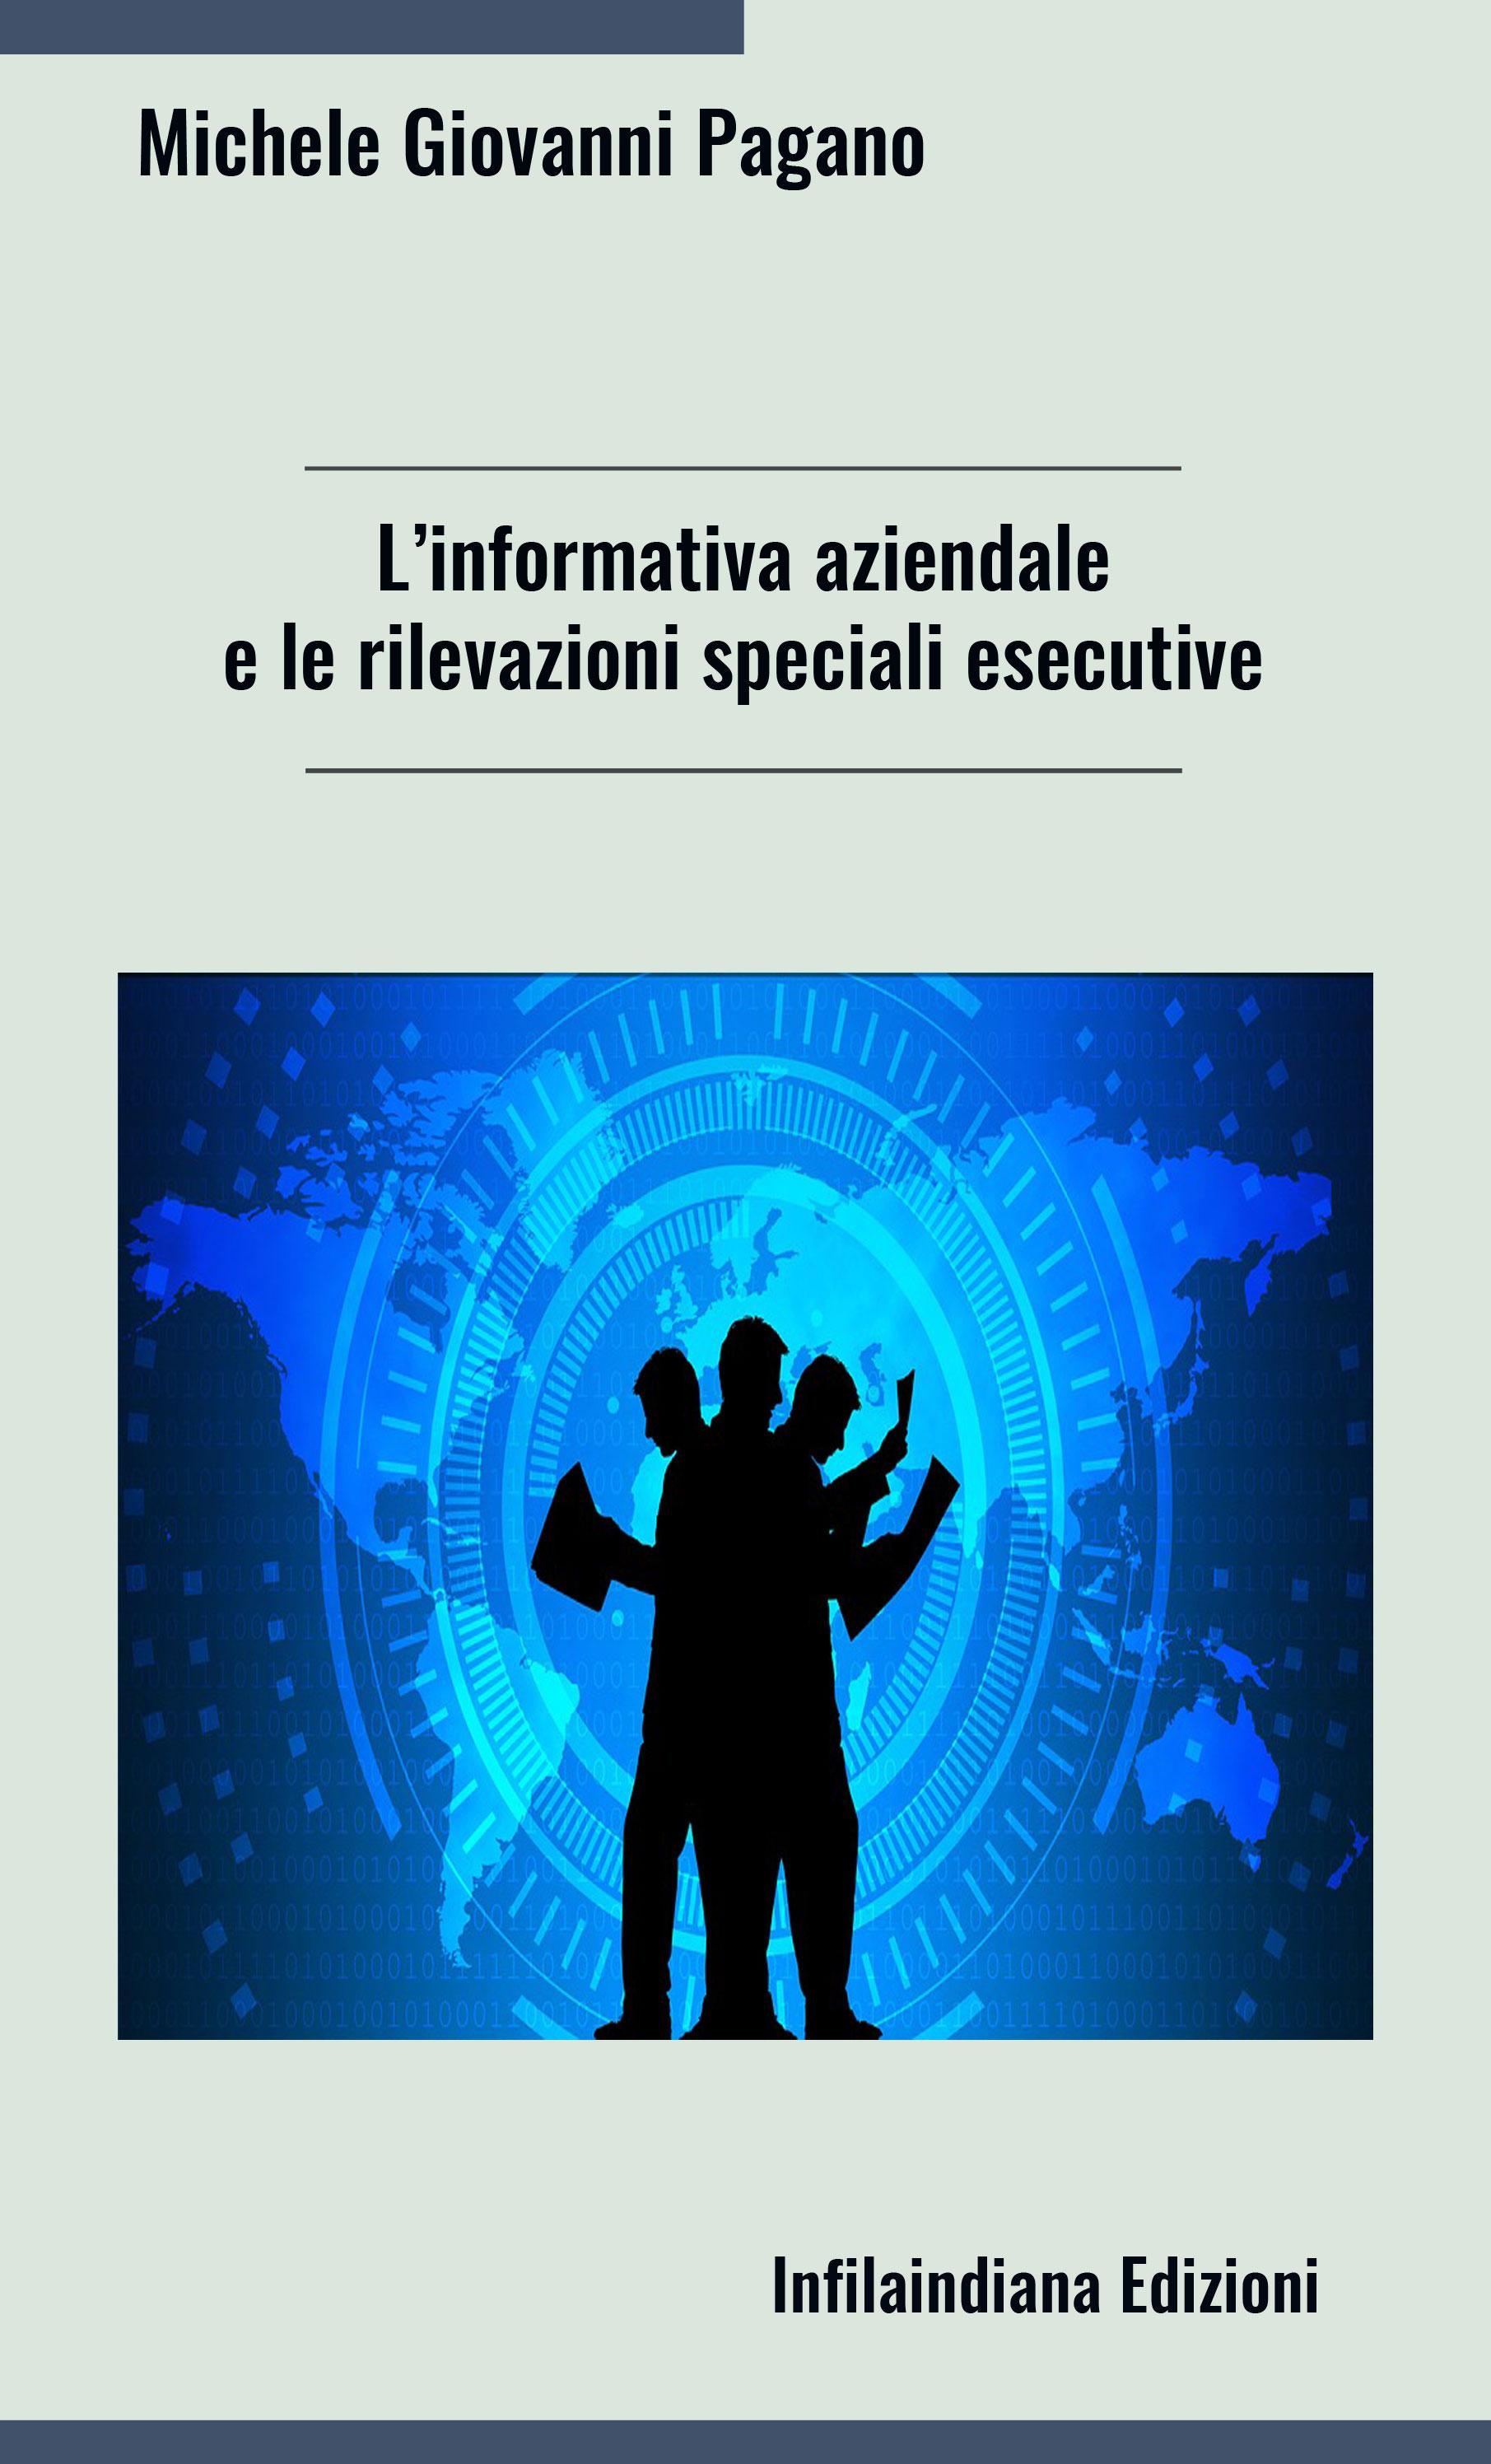 L'informativa aziendale e le rilevazioni speciali esecutive